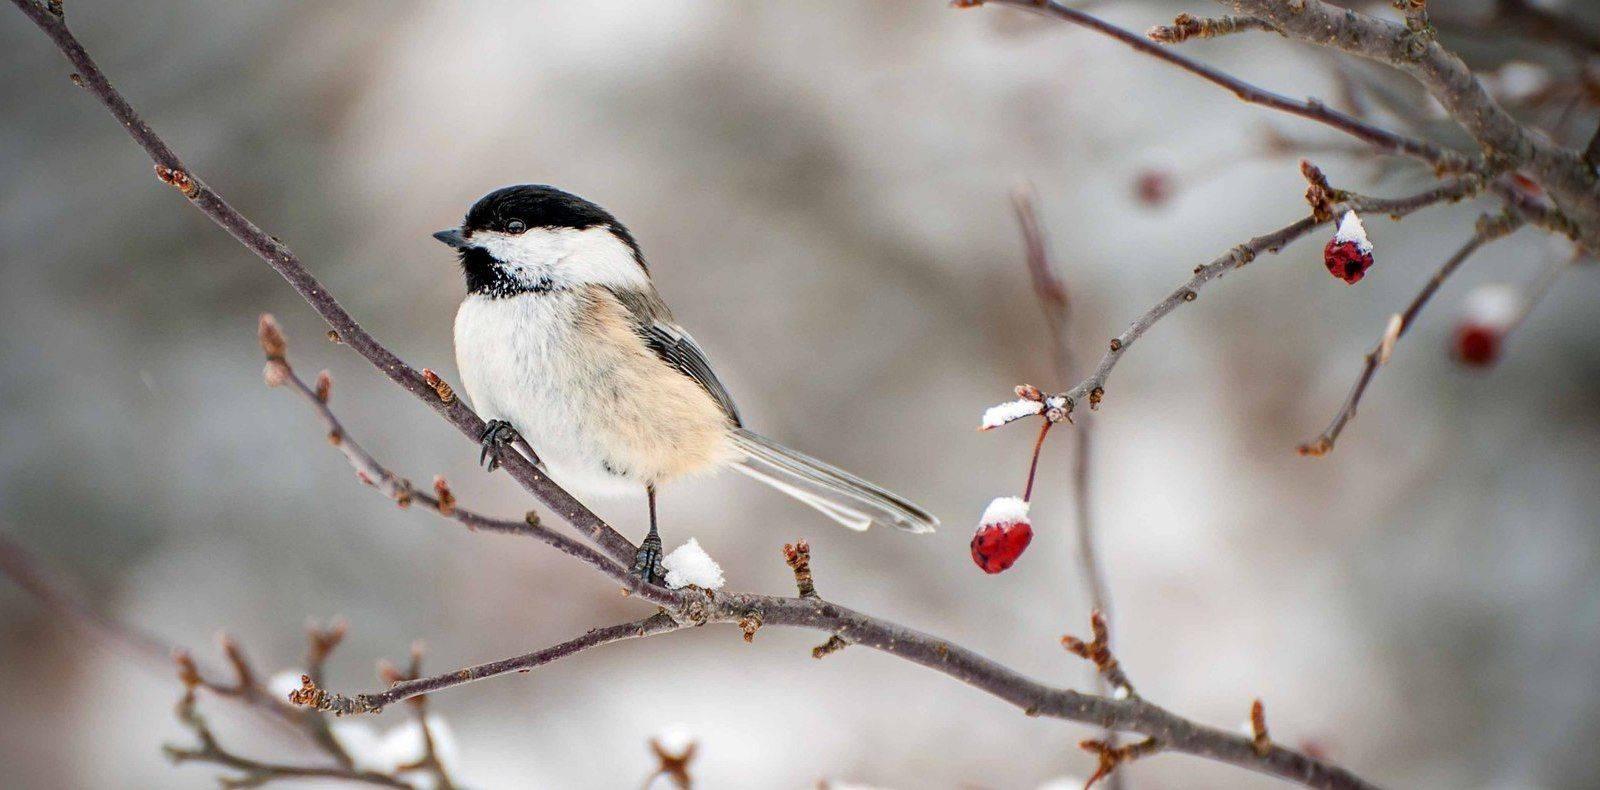 Prendre soin des oiseaux pendant l 39 hiver dans son jardin nourrir les oiseaux du jardin - Comment effrayer les oiseaux ...